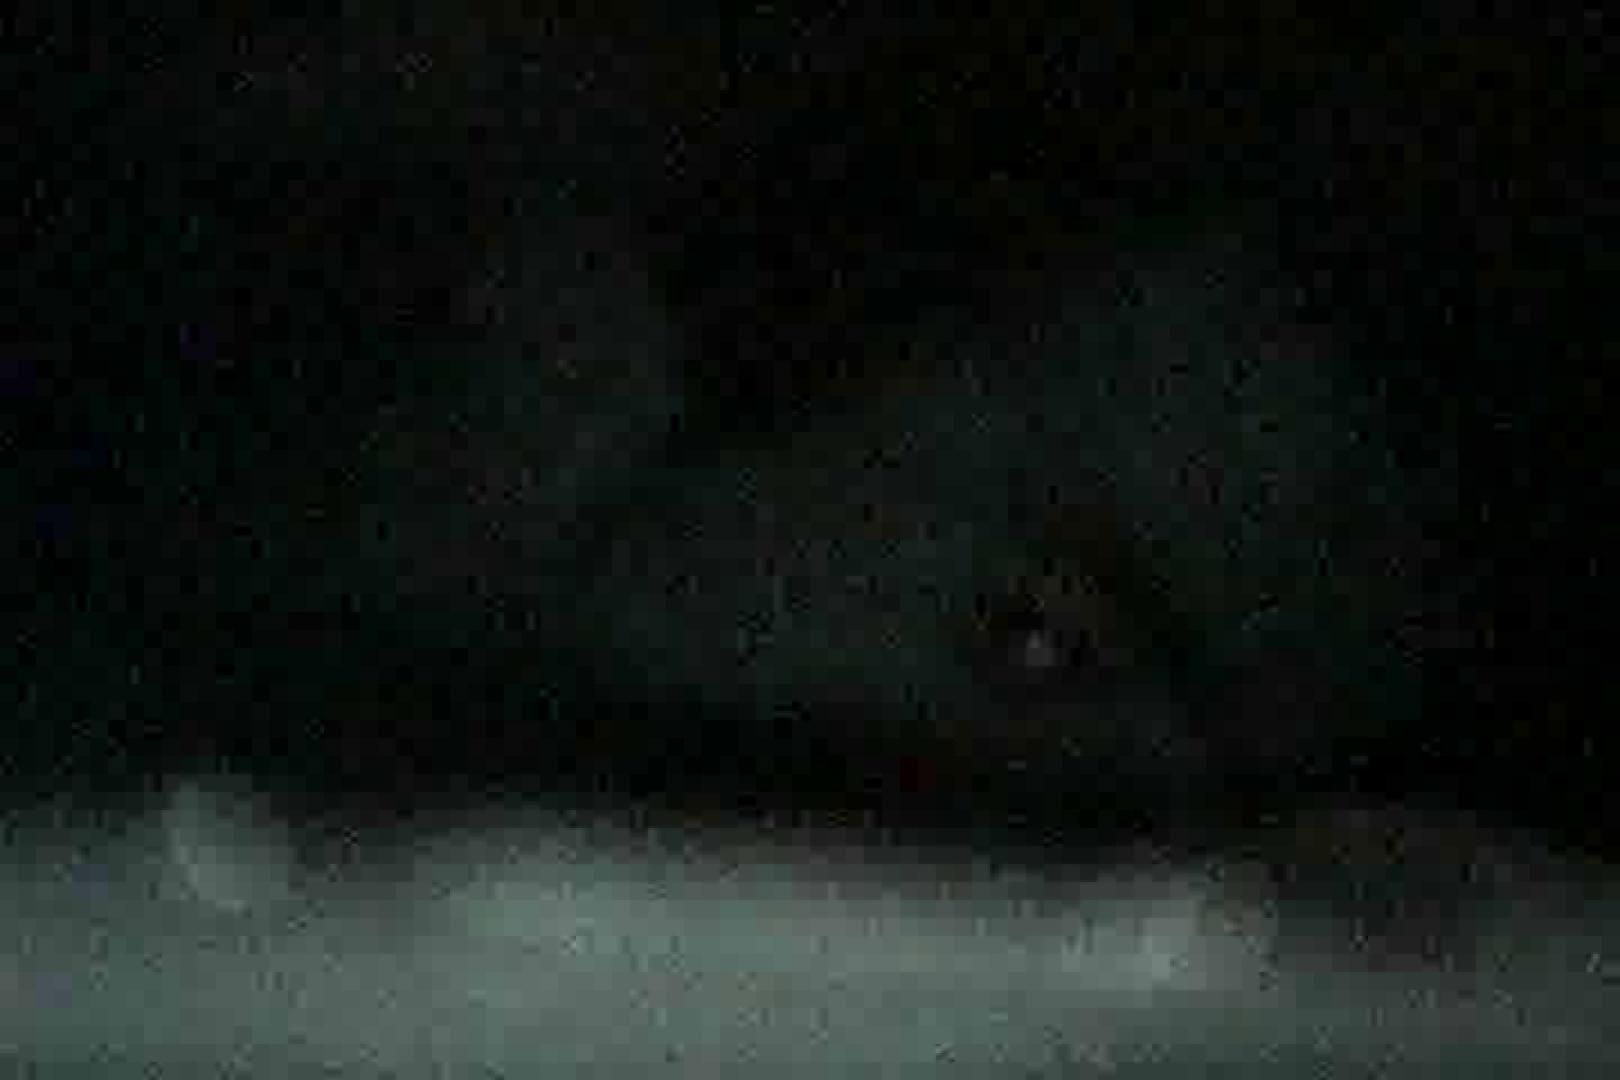 充血監督の深夜の運動会Vol.33 OLの実態 盗撮動画紹介 89pic 87